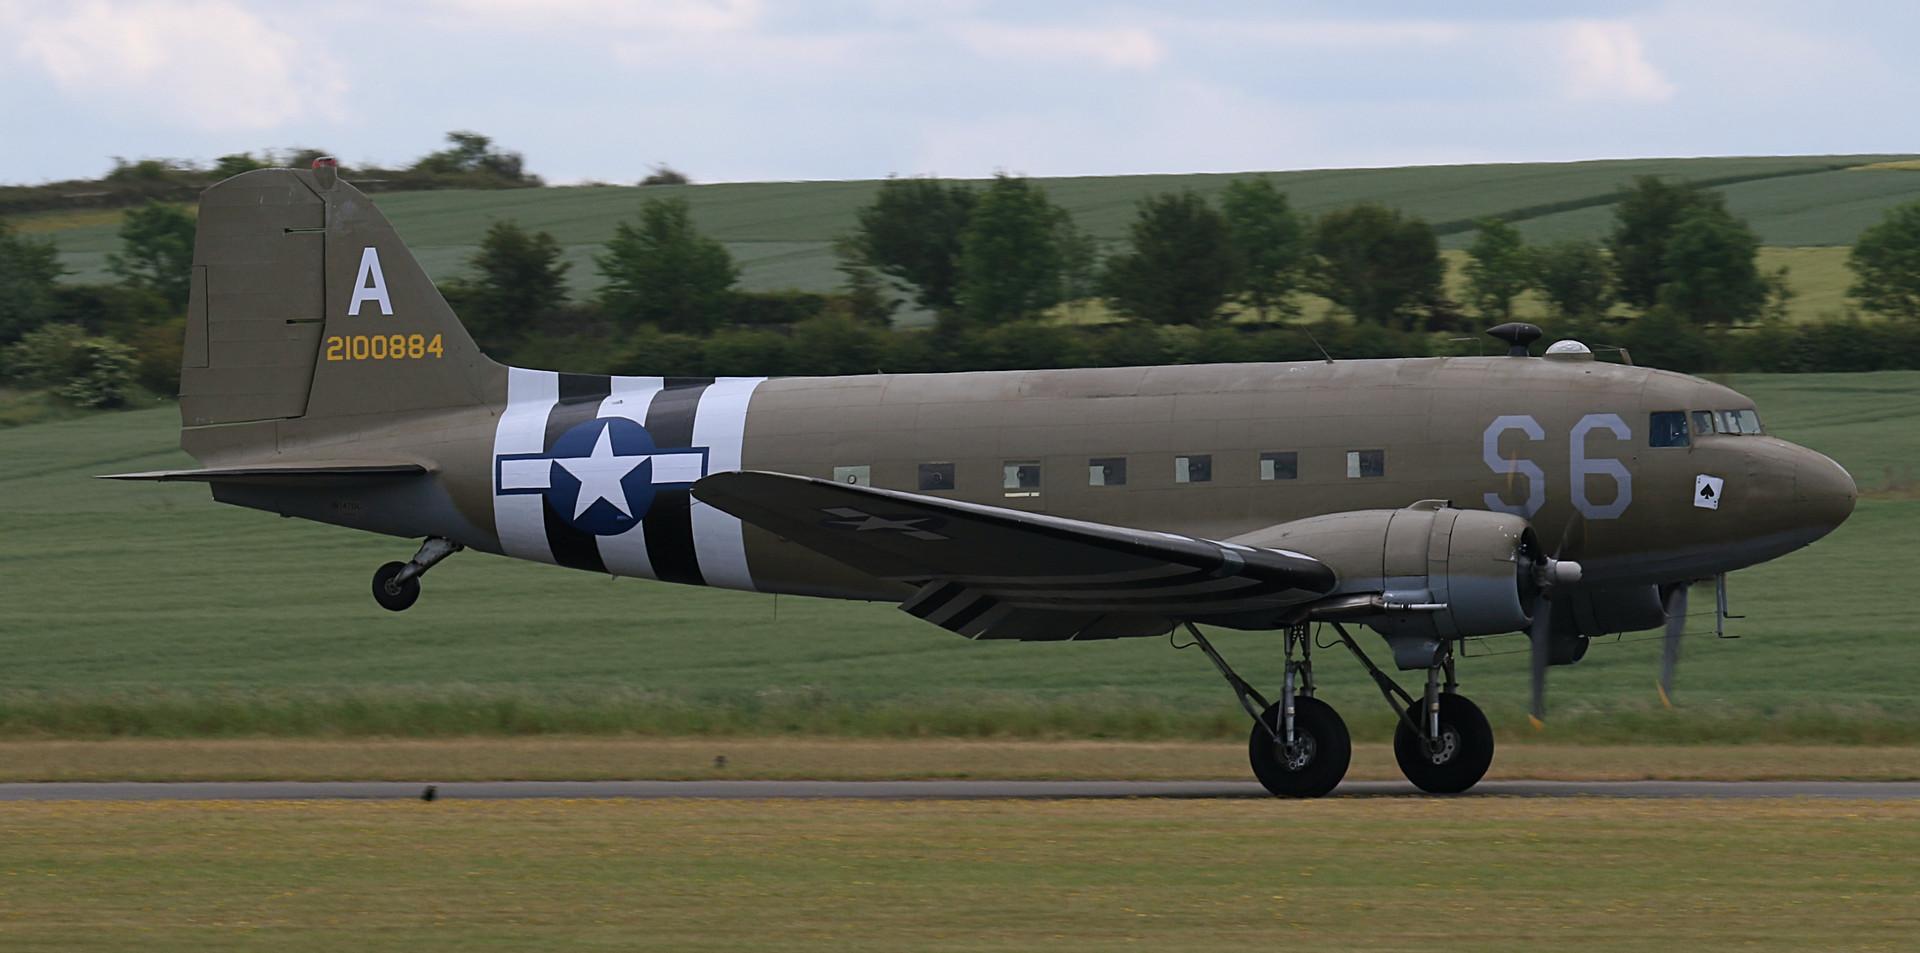 D-Day Daks over Duxford June 2019 (34).J